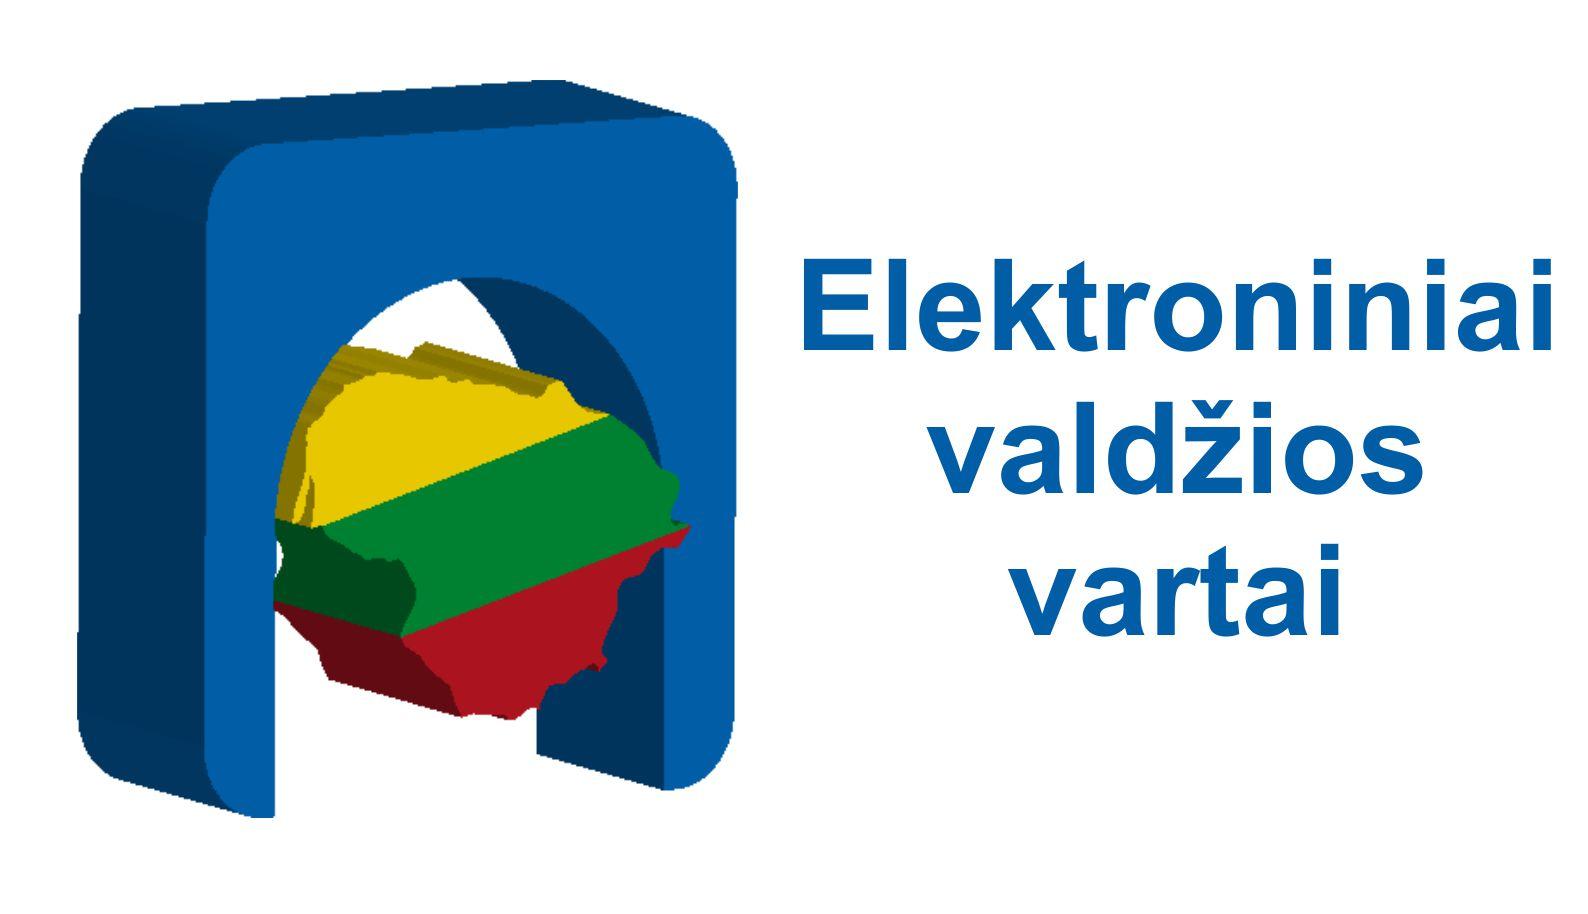 Elektroniniai valdžios vartai